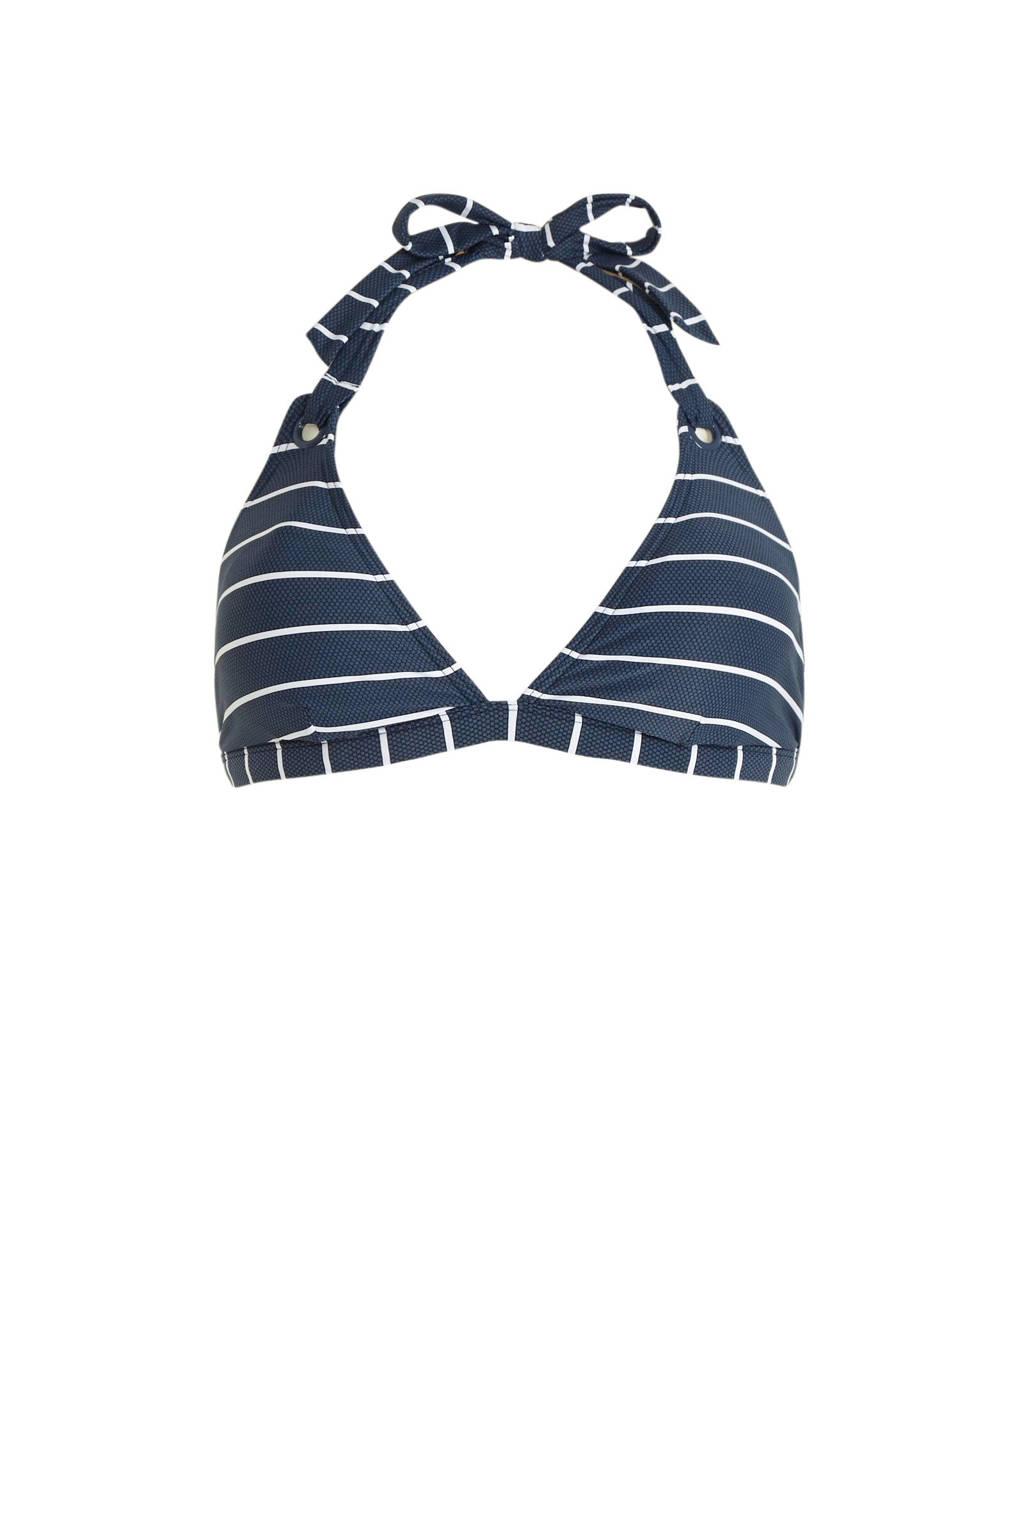 ESPRIT Women Beach gestreepte halter bikinitop donkerblauw/wit, Donkerblauw/wit